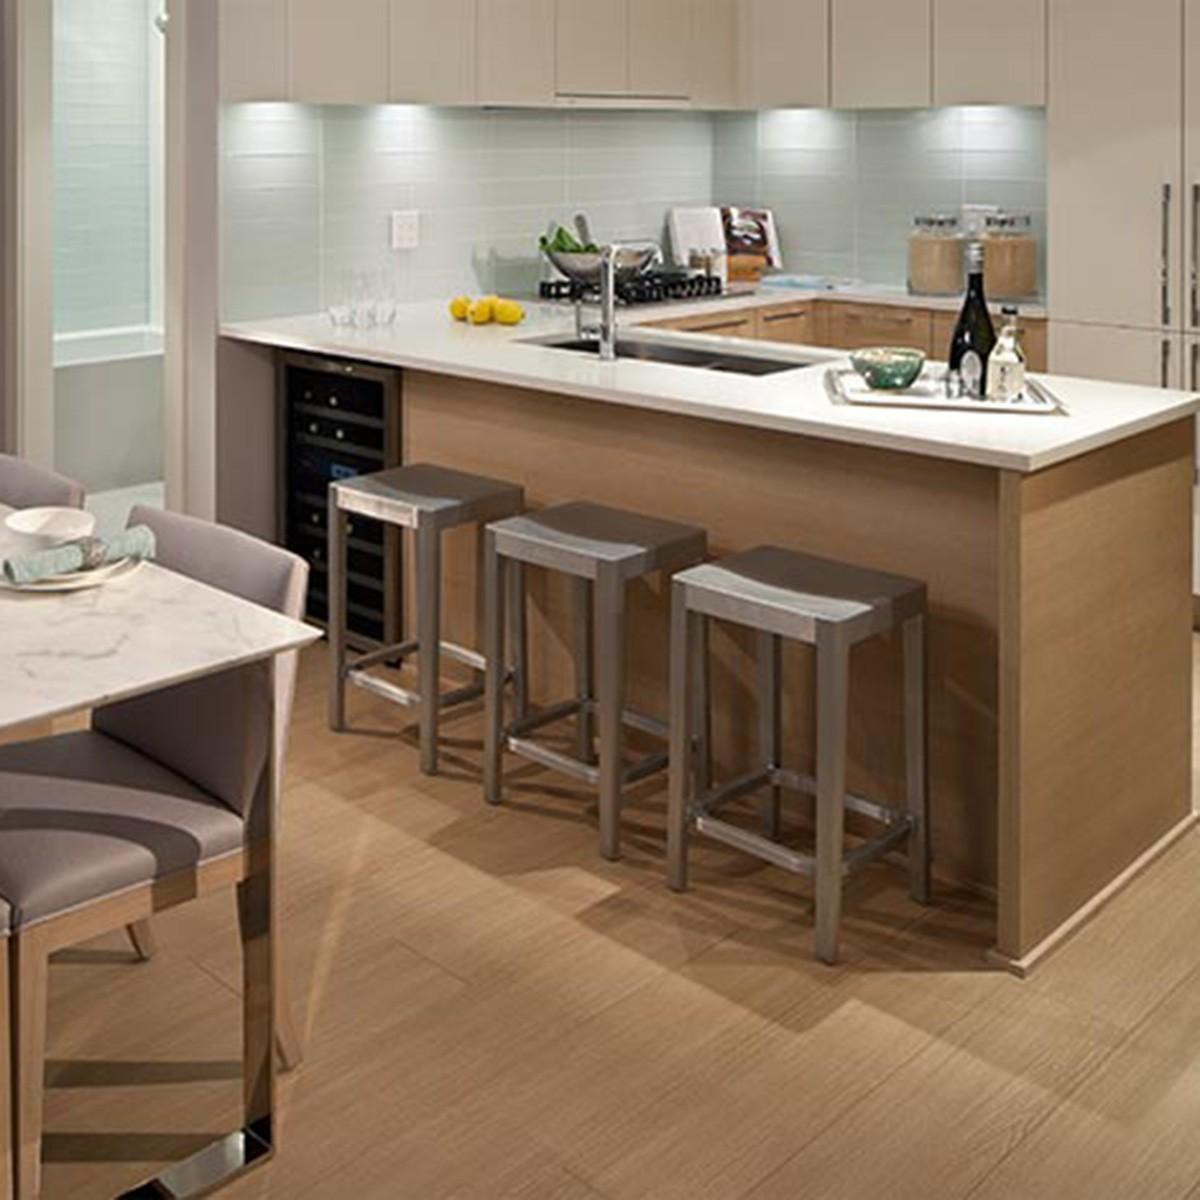 M Three kitchen cabinets